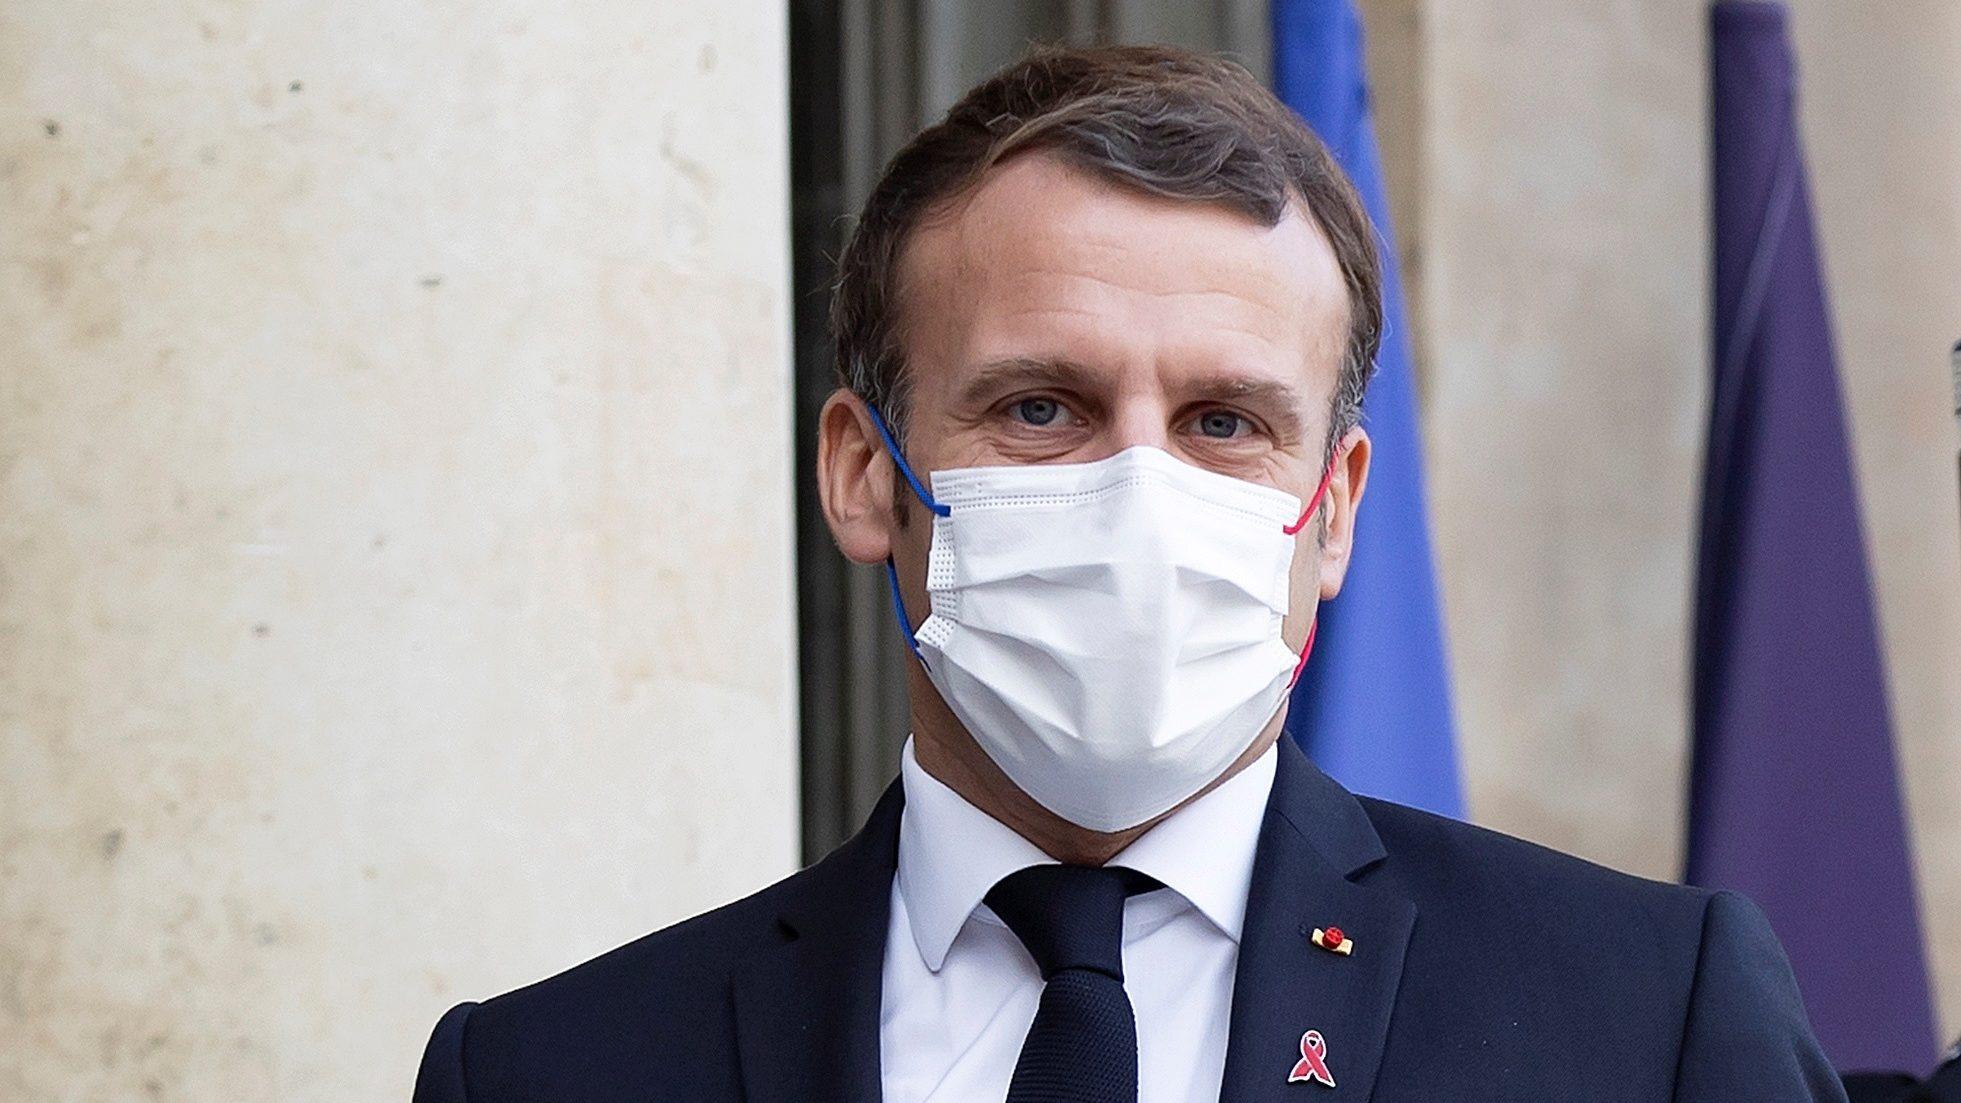 Macron confiesa a niño que recibir una cachetada 'no fue agradable'